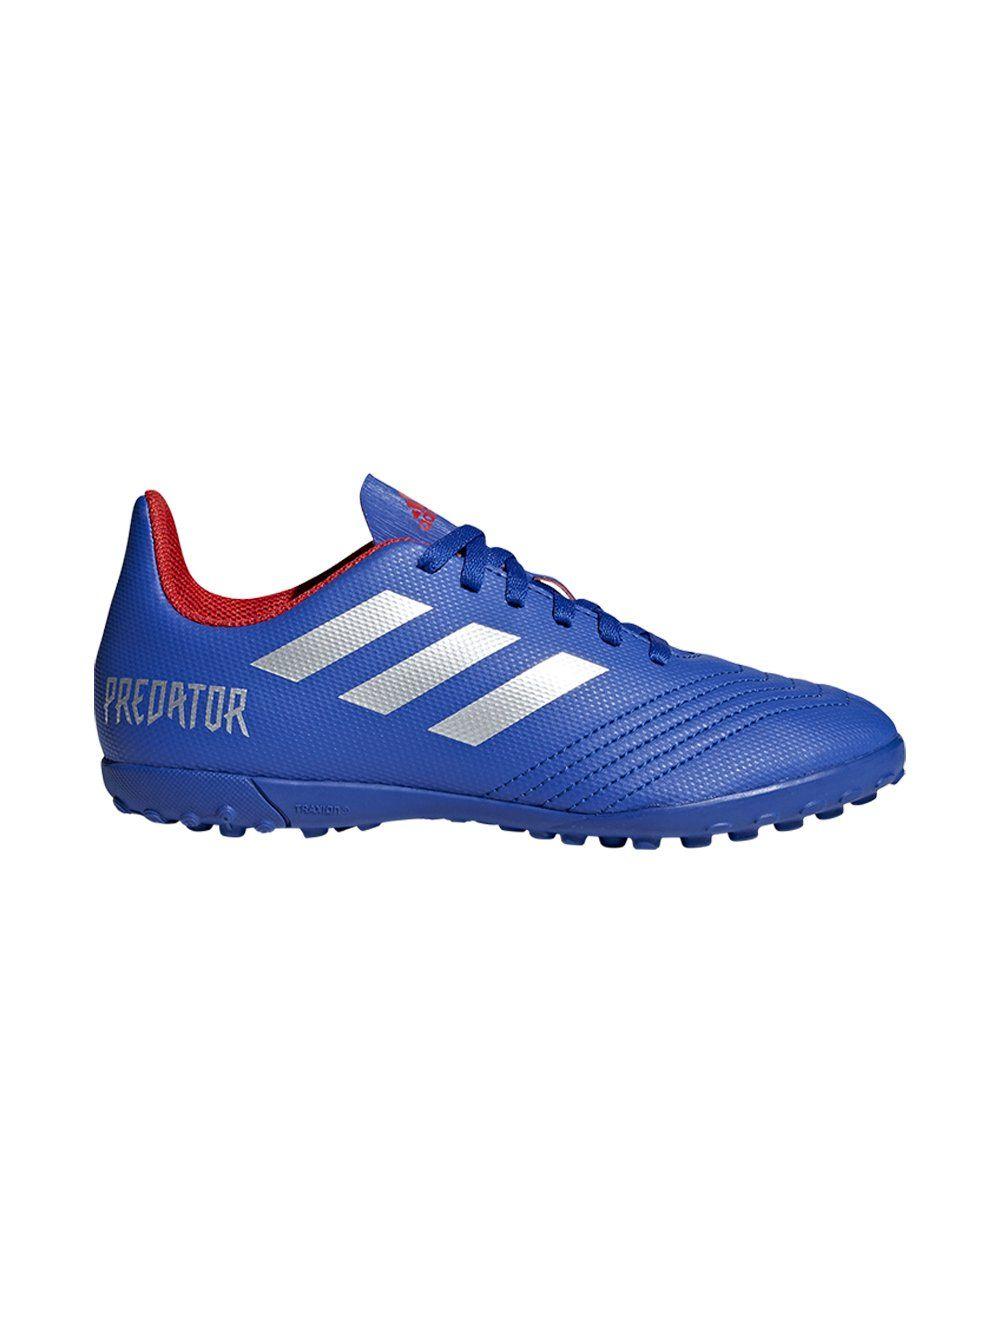 ADIDAS scarpe predator 19.4 tf j